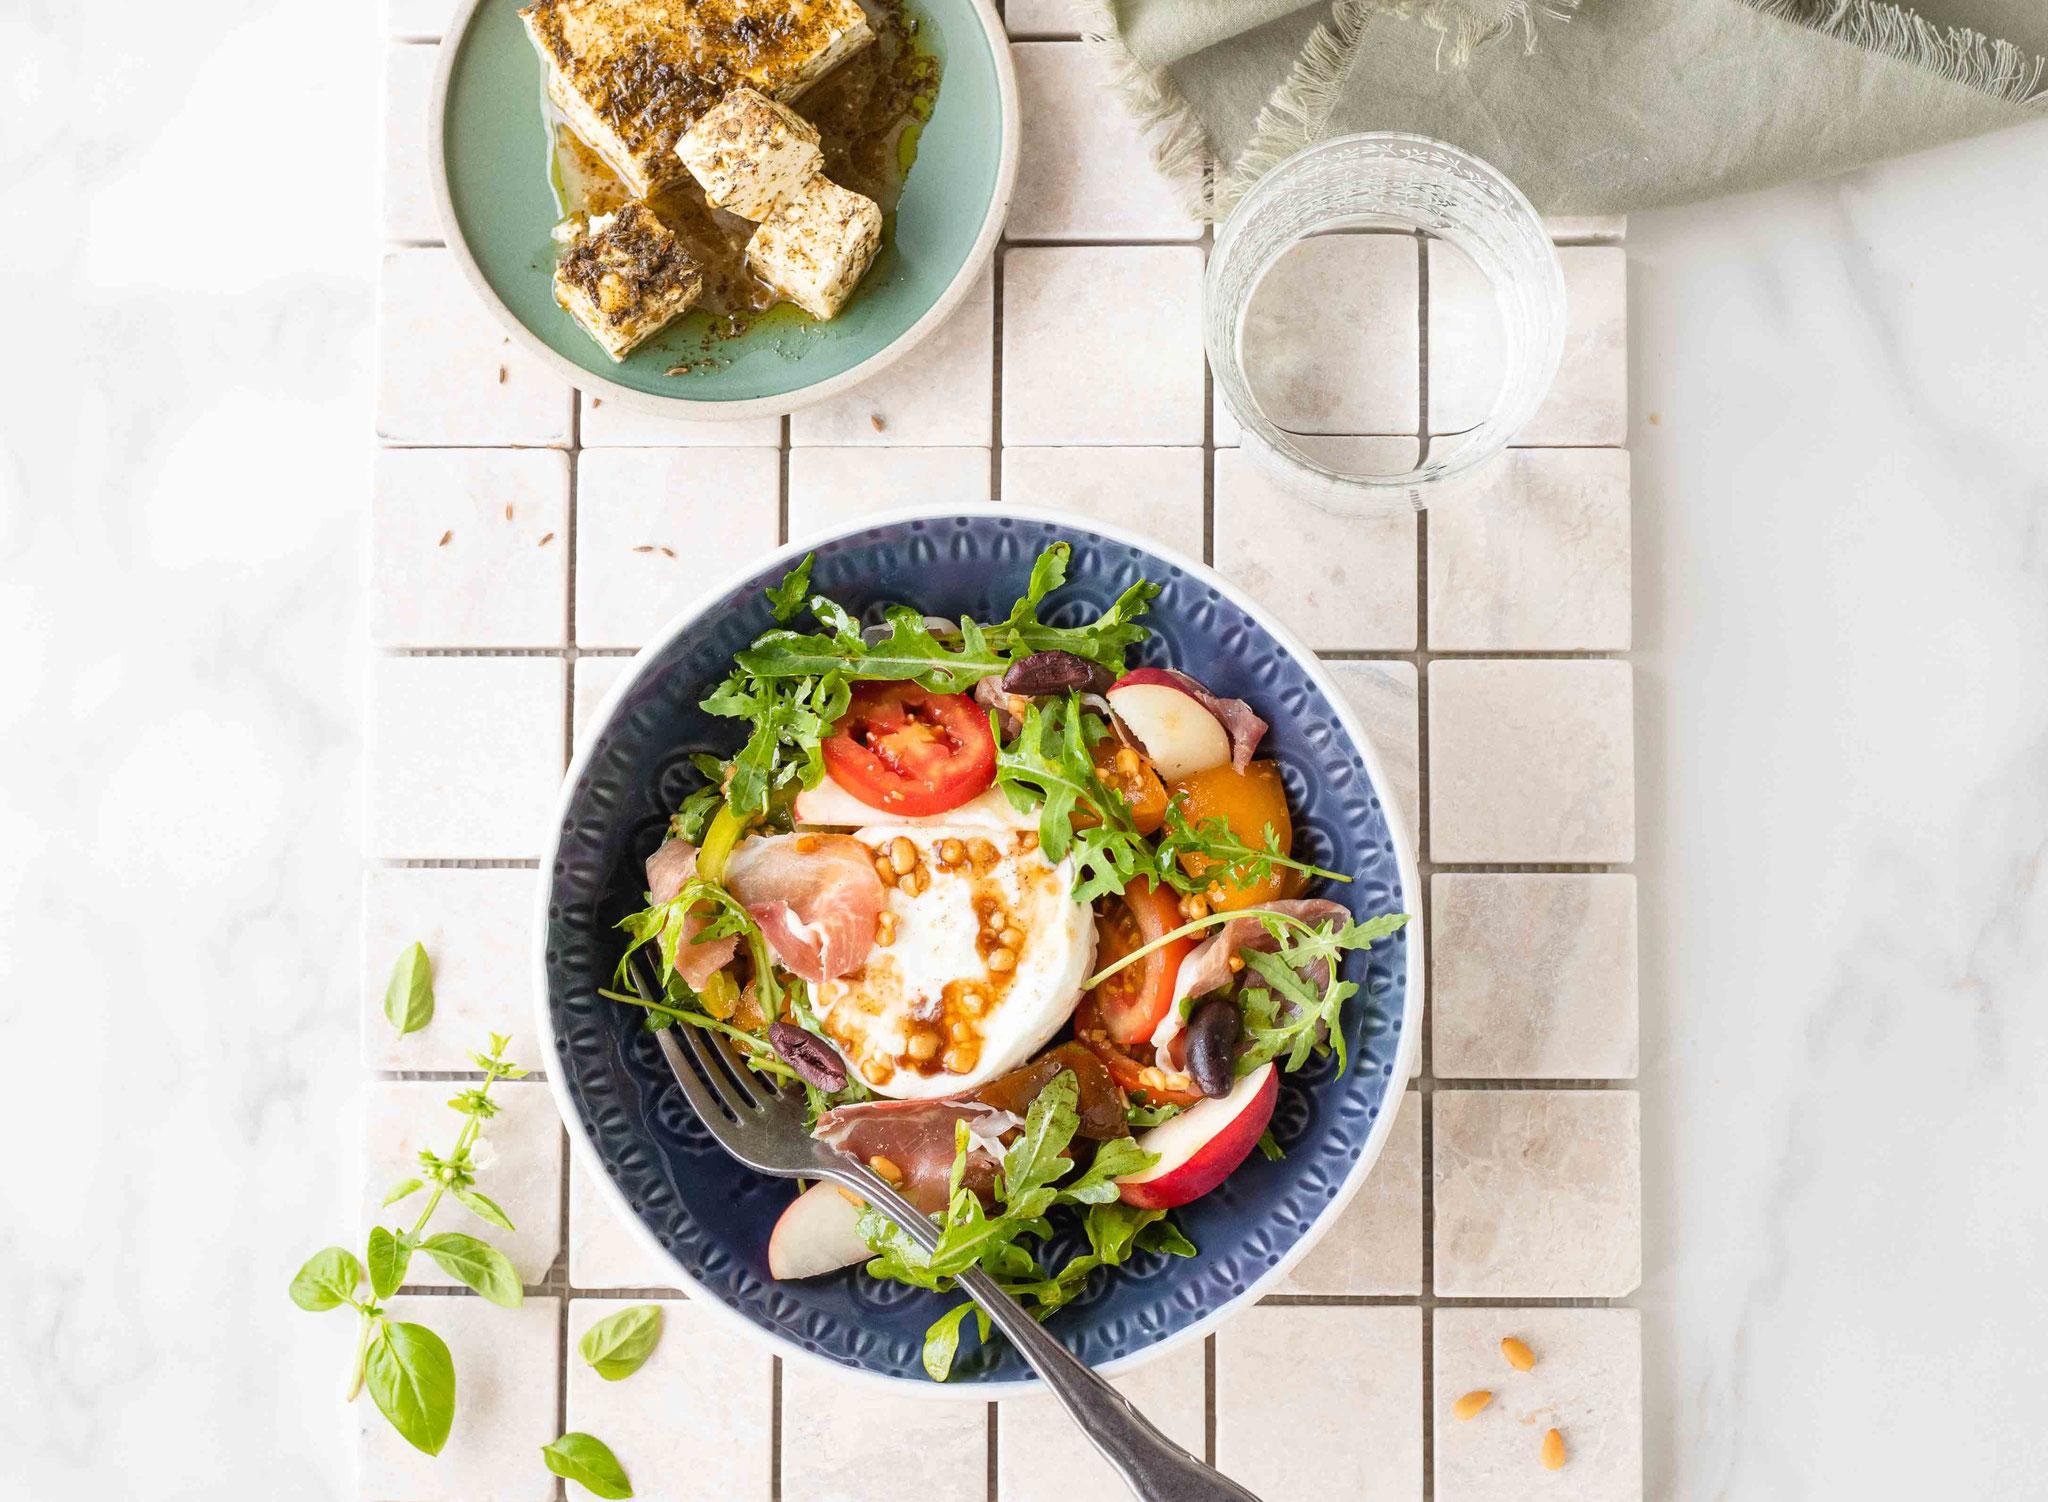 Comment composer une salade complète et équilibrée ?